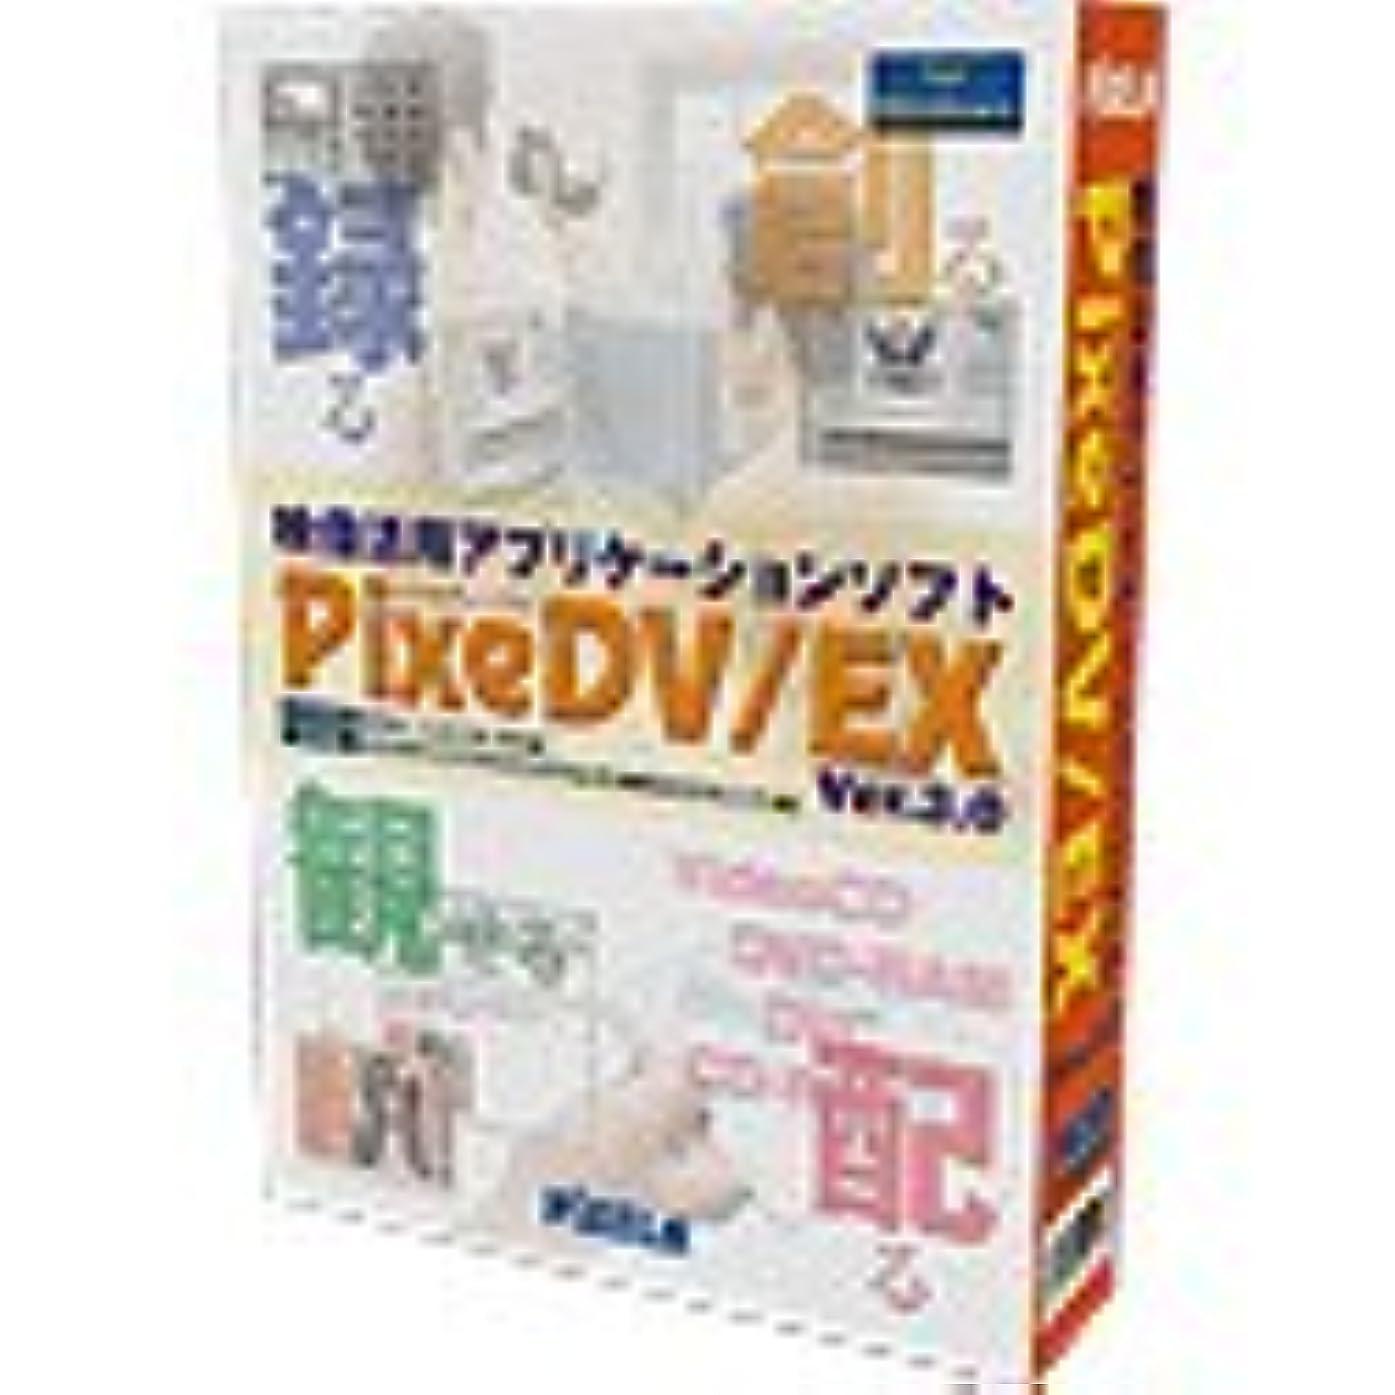 ささいな変数余計なPixeDV/EX Ver.3.0